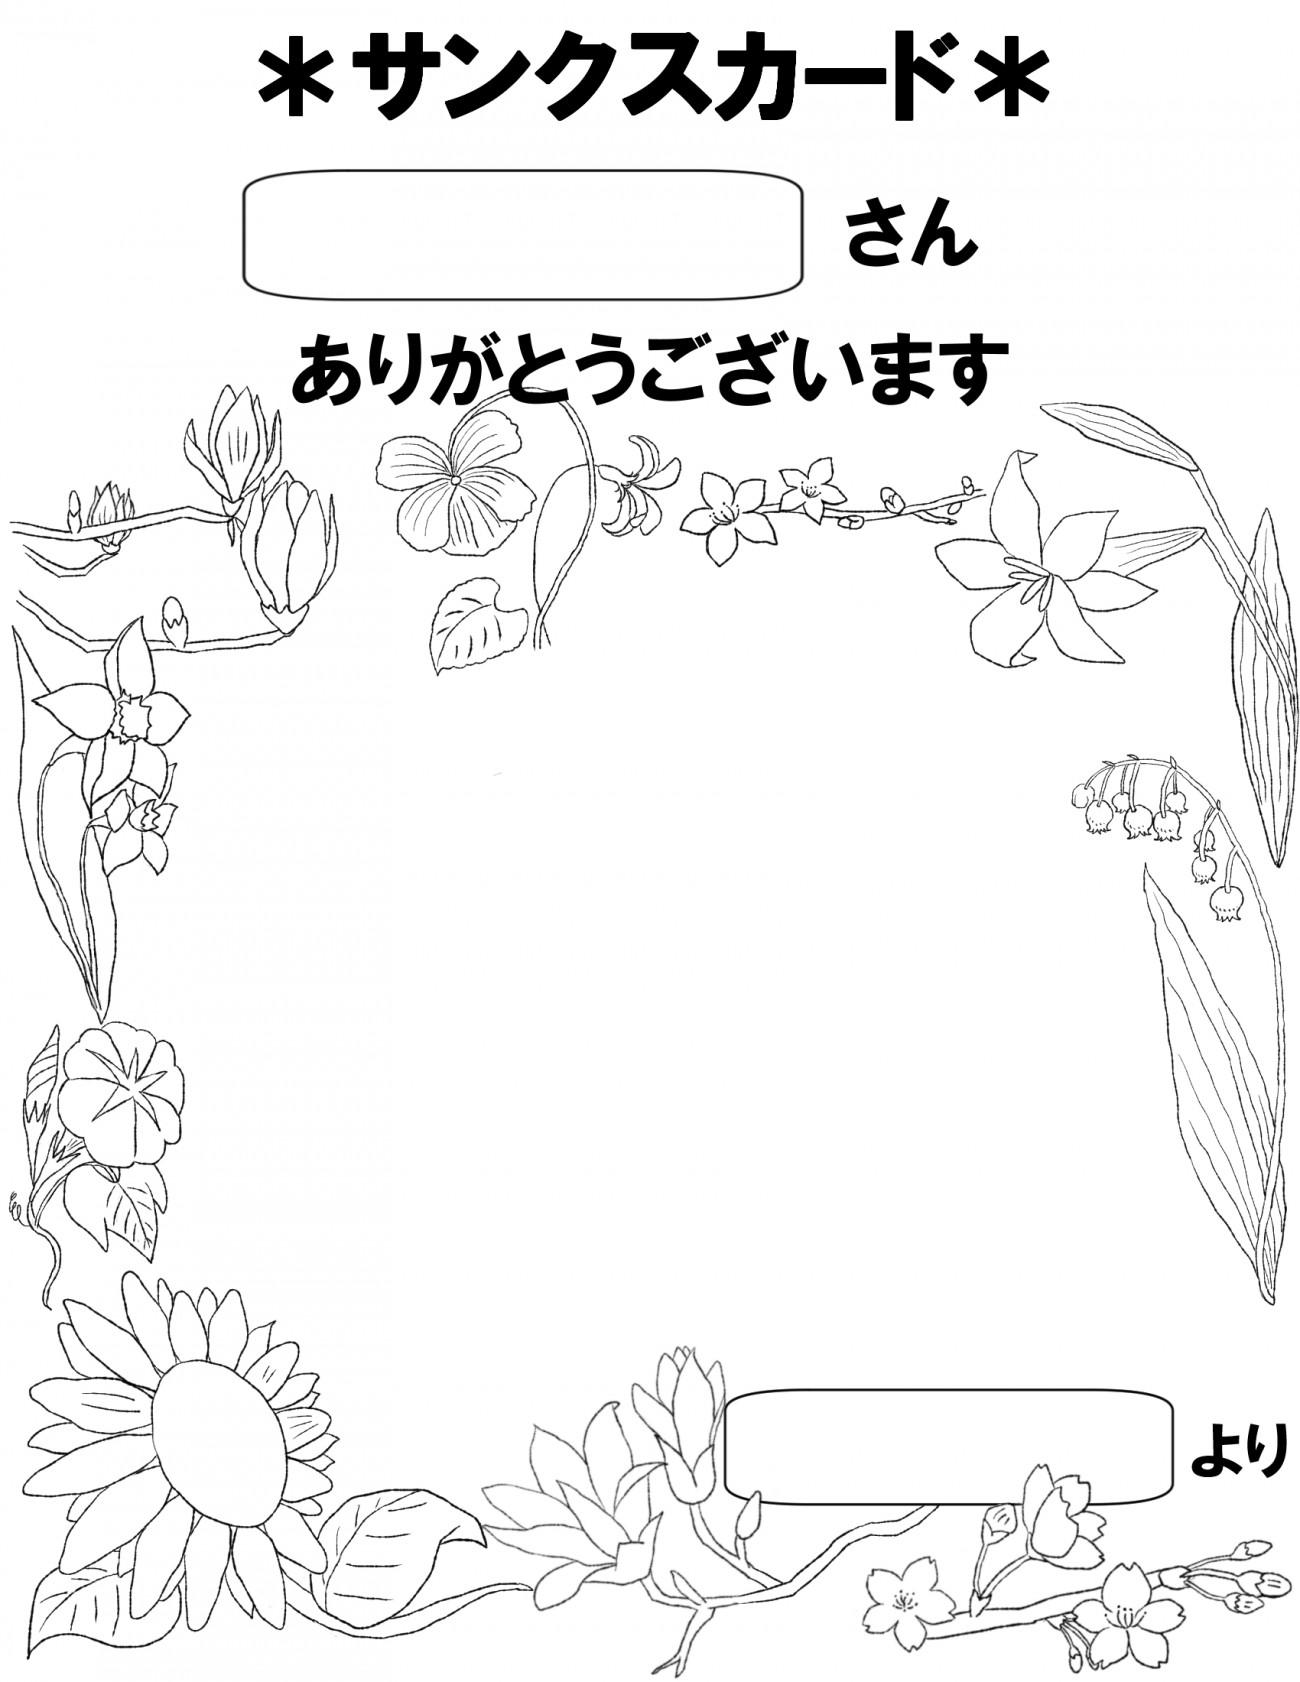 新作サンクスカードデザイン! 届きました!